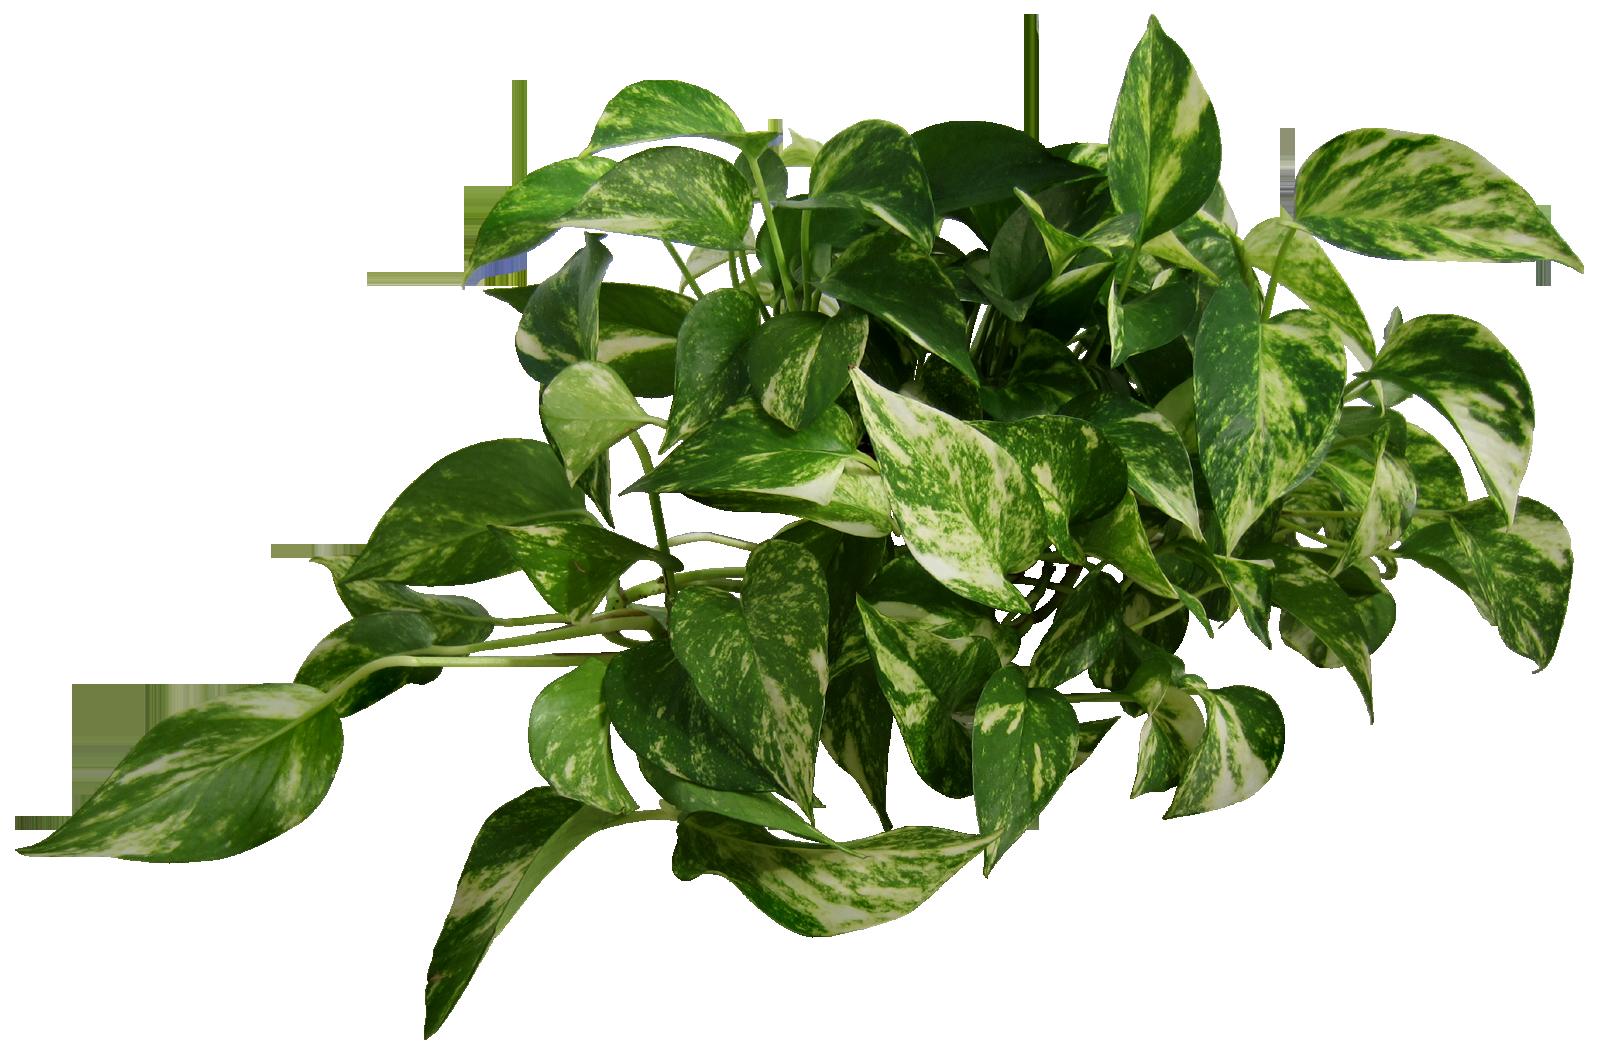 Epipremnum plant png image transparent background